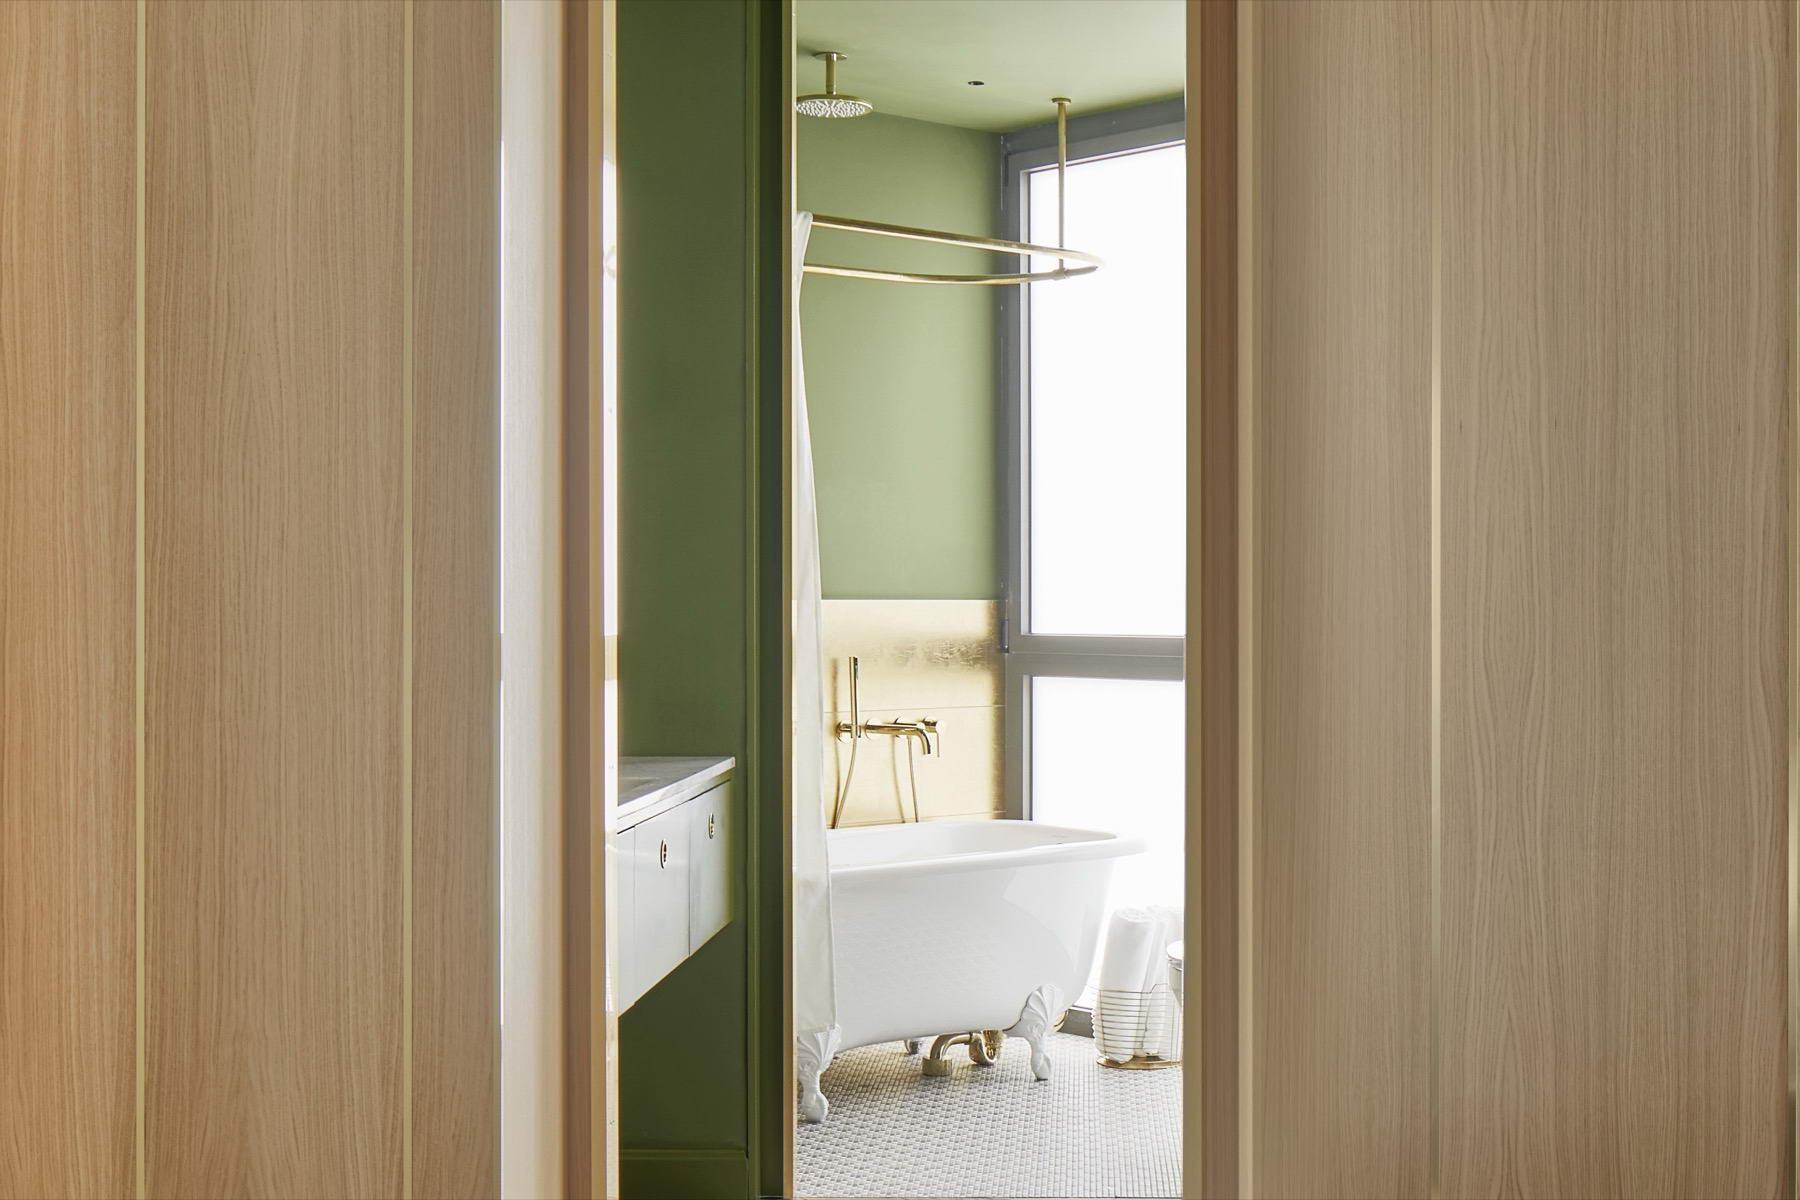 színes luxus lakás zöld fürdőszoba